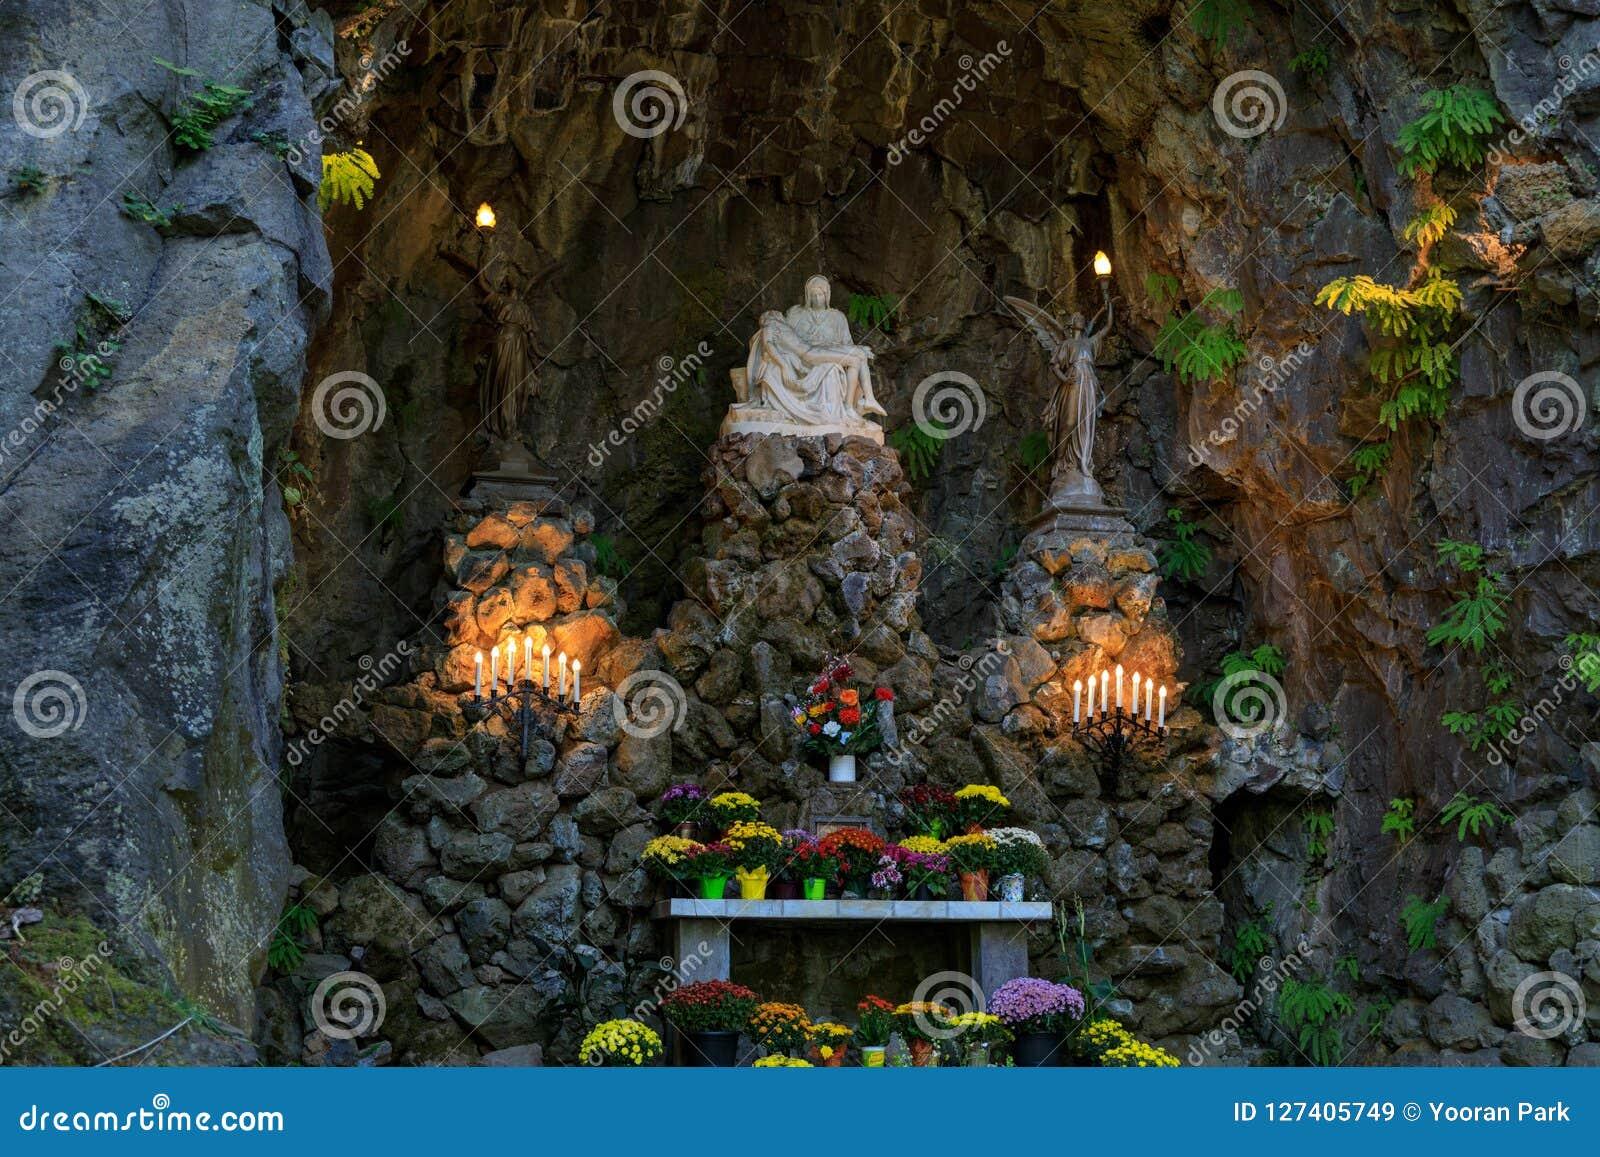 Το Grotto, είναι η καθολικά υπαίθρια λάρνακα και ένα άδυτο που βρίσκονται νότια περιοχή του Μάντισον του Πόρτλαντ, Όρεγκον, Ηνωμέ